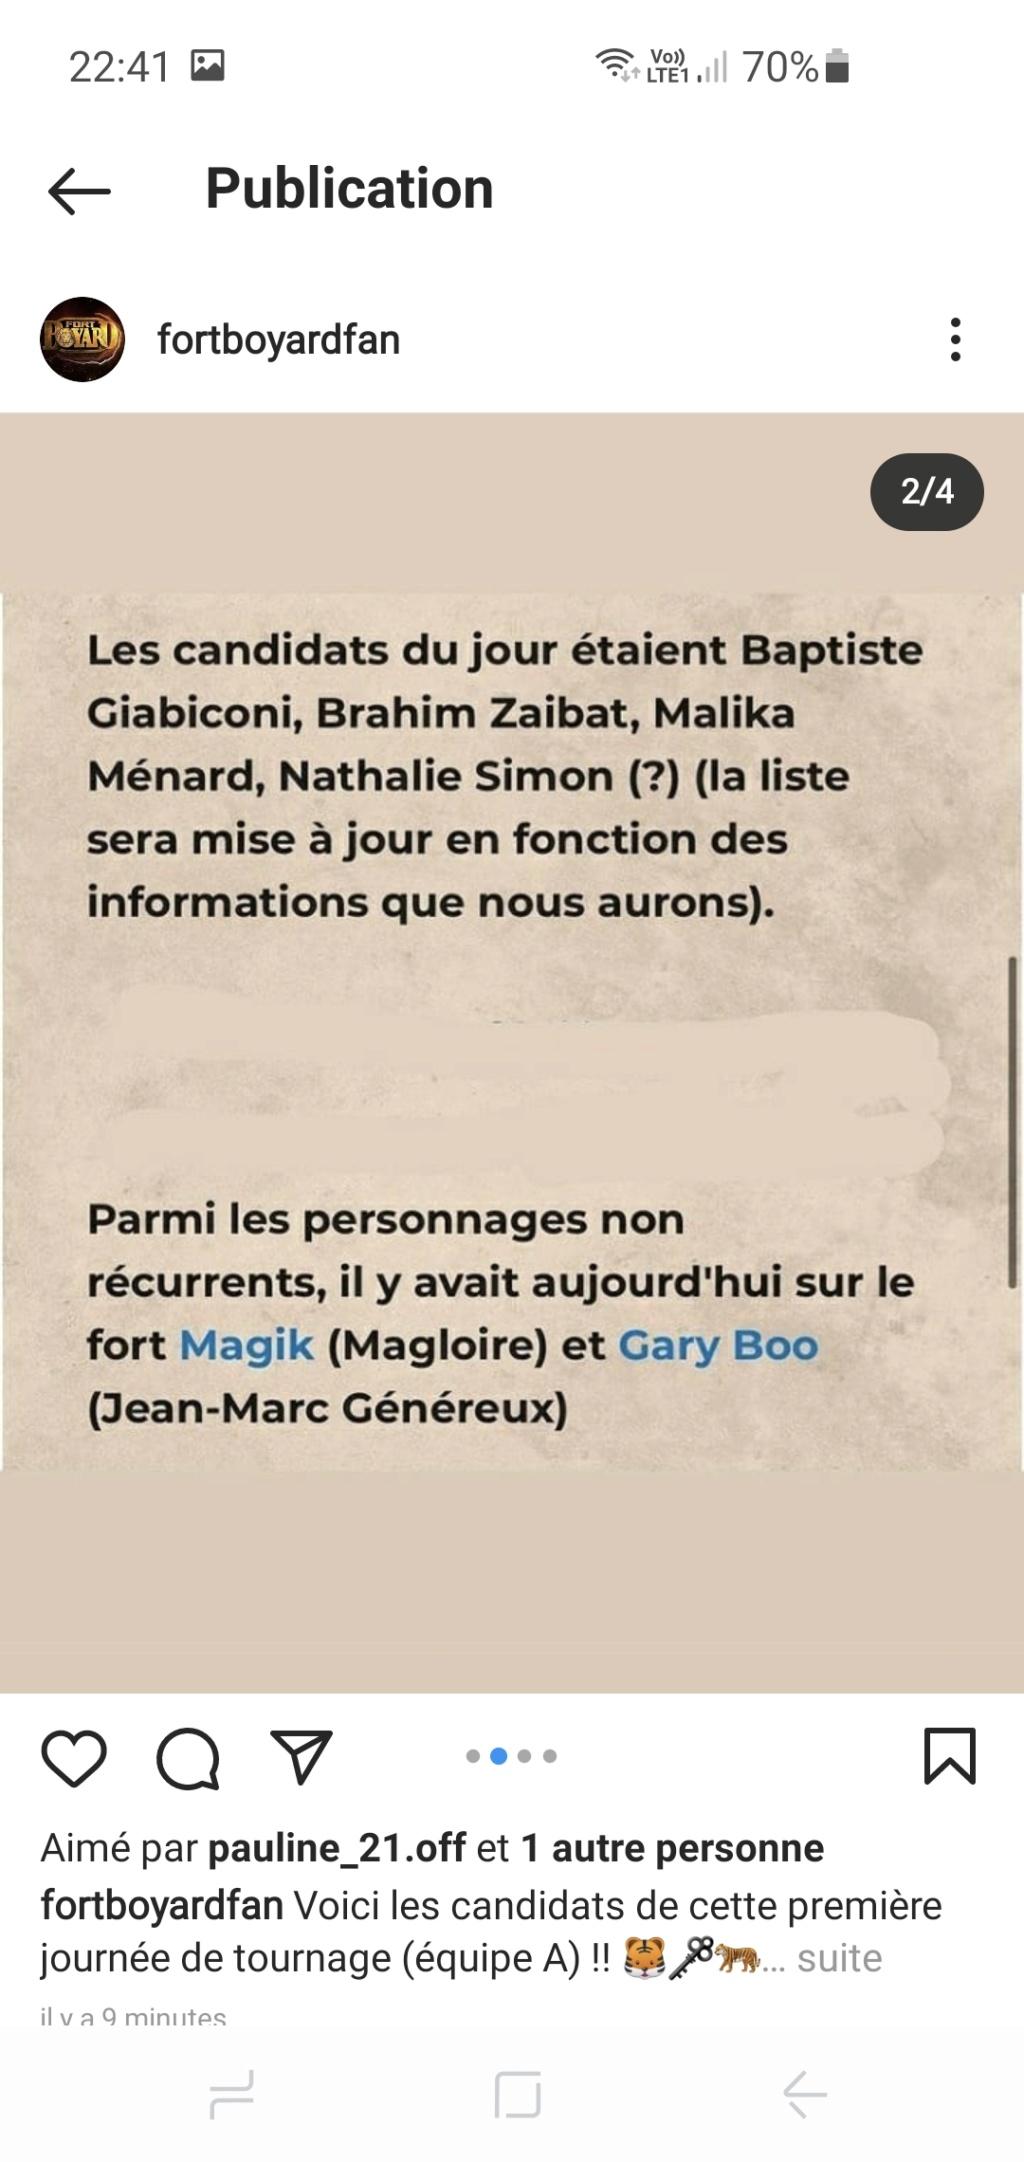 Équipes et candidats de Fort Boyard 2021 - Page 5 Screen15